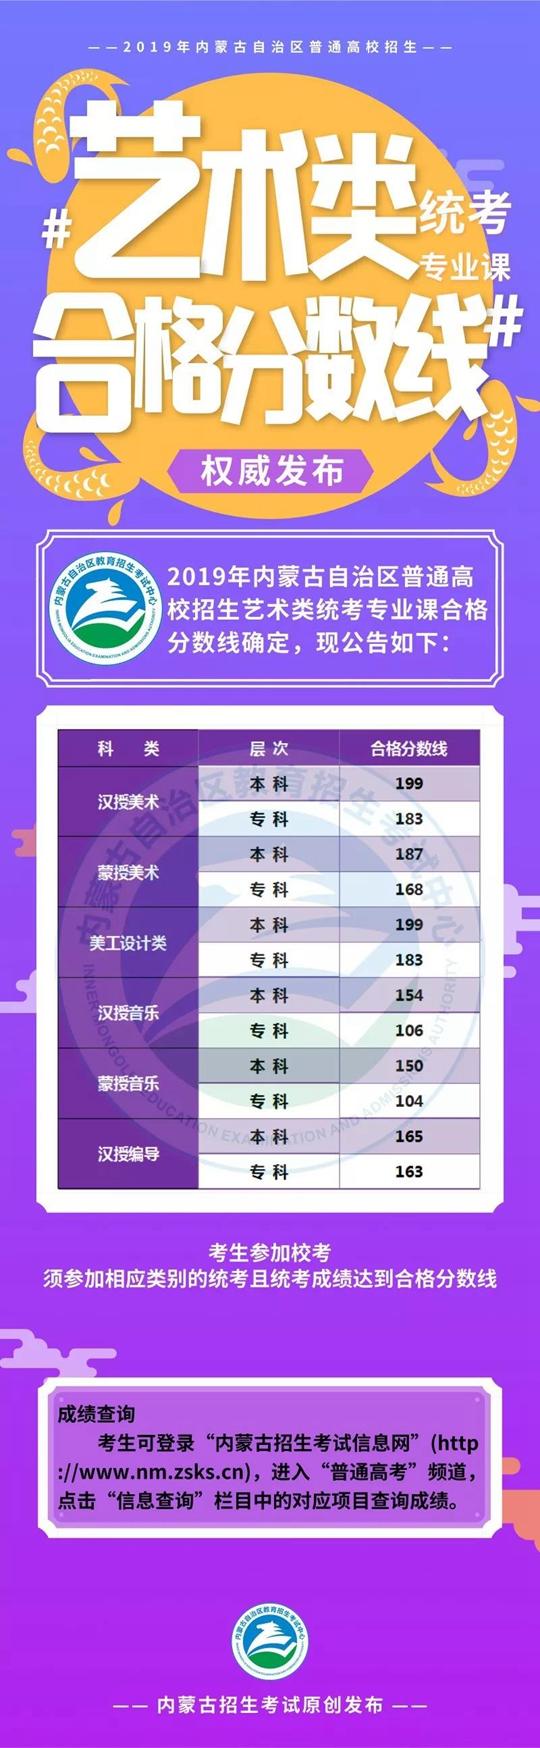 2019年内蒙古艺术类统考专业课合格分数线